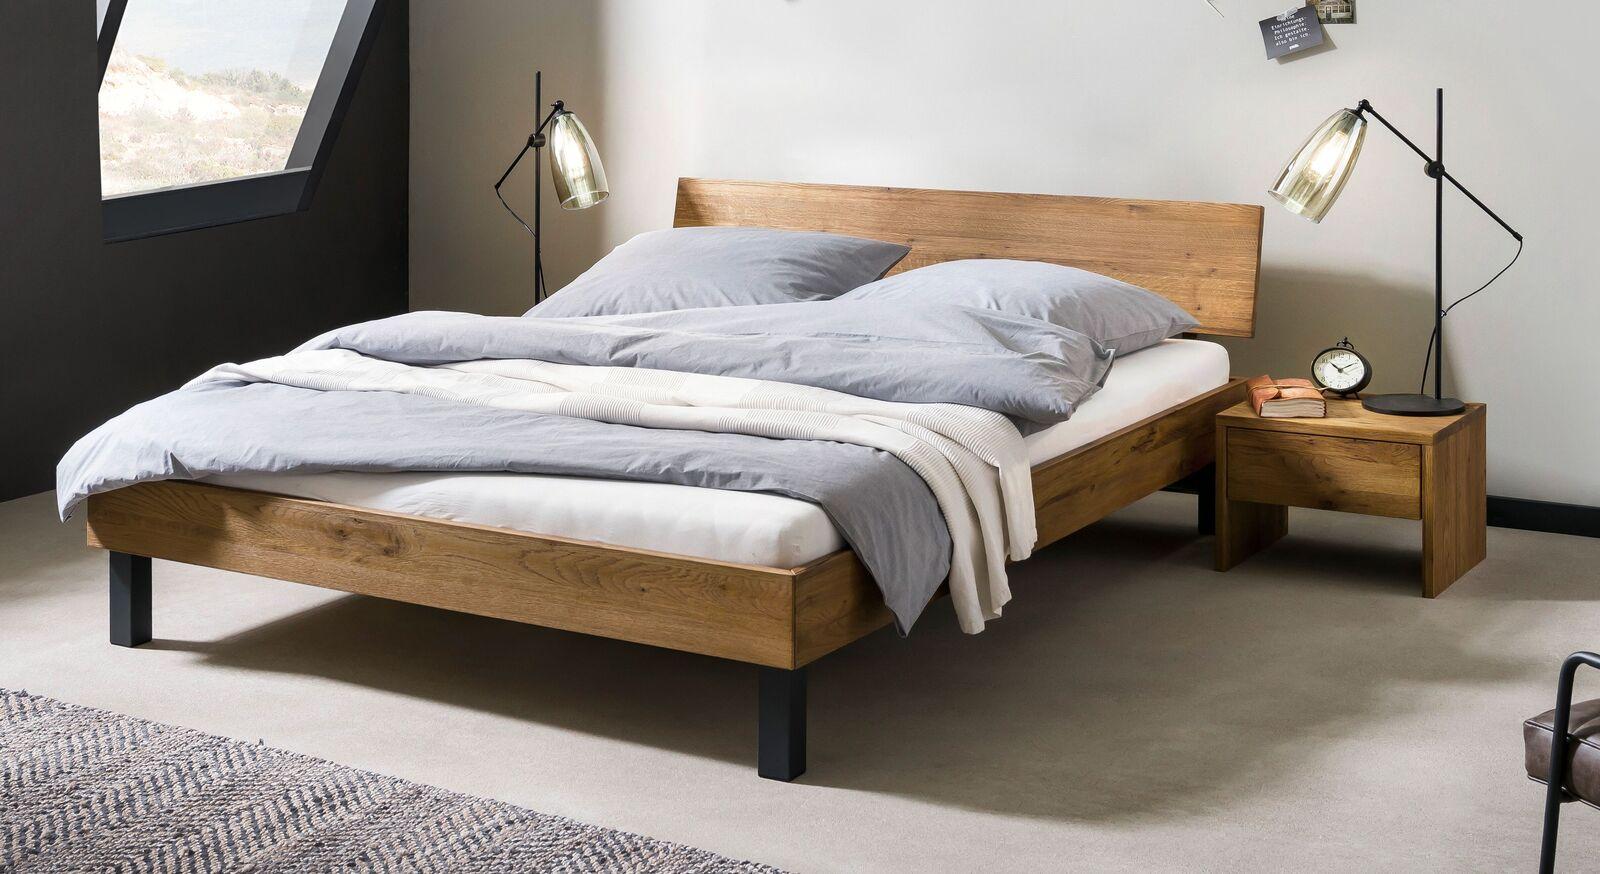 Bett Tumas aus Wildeiche Massivholz